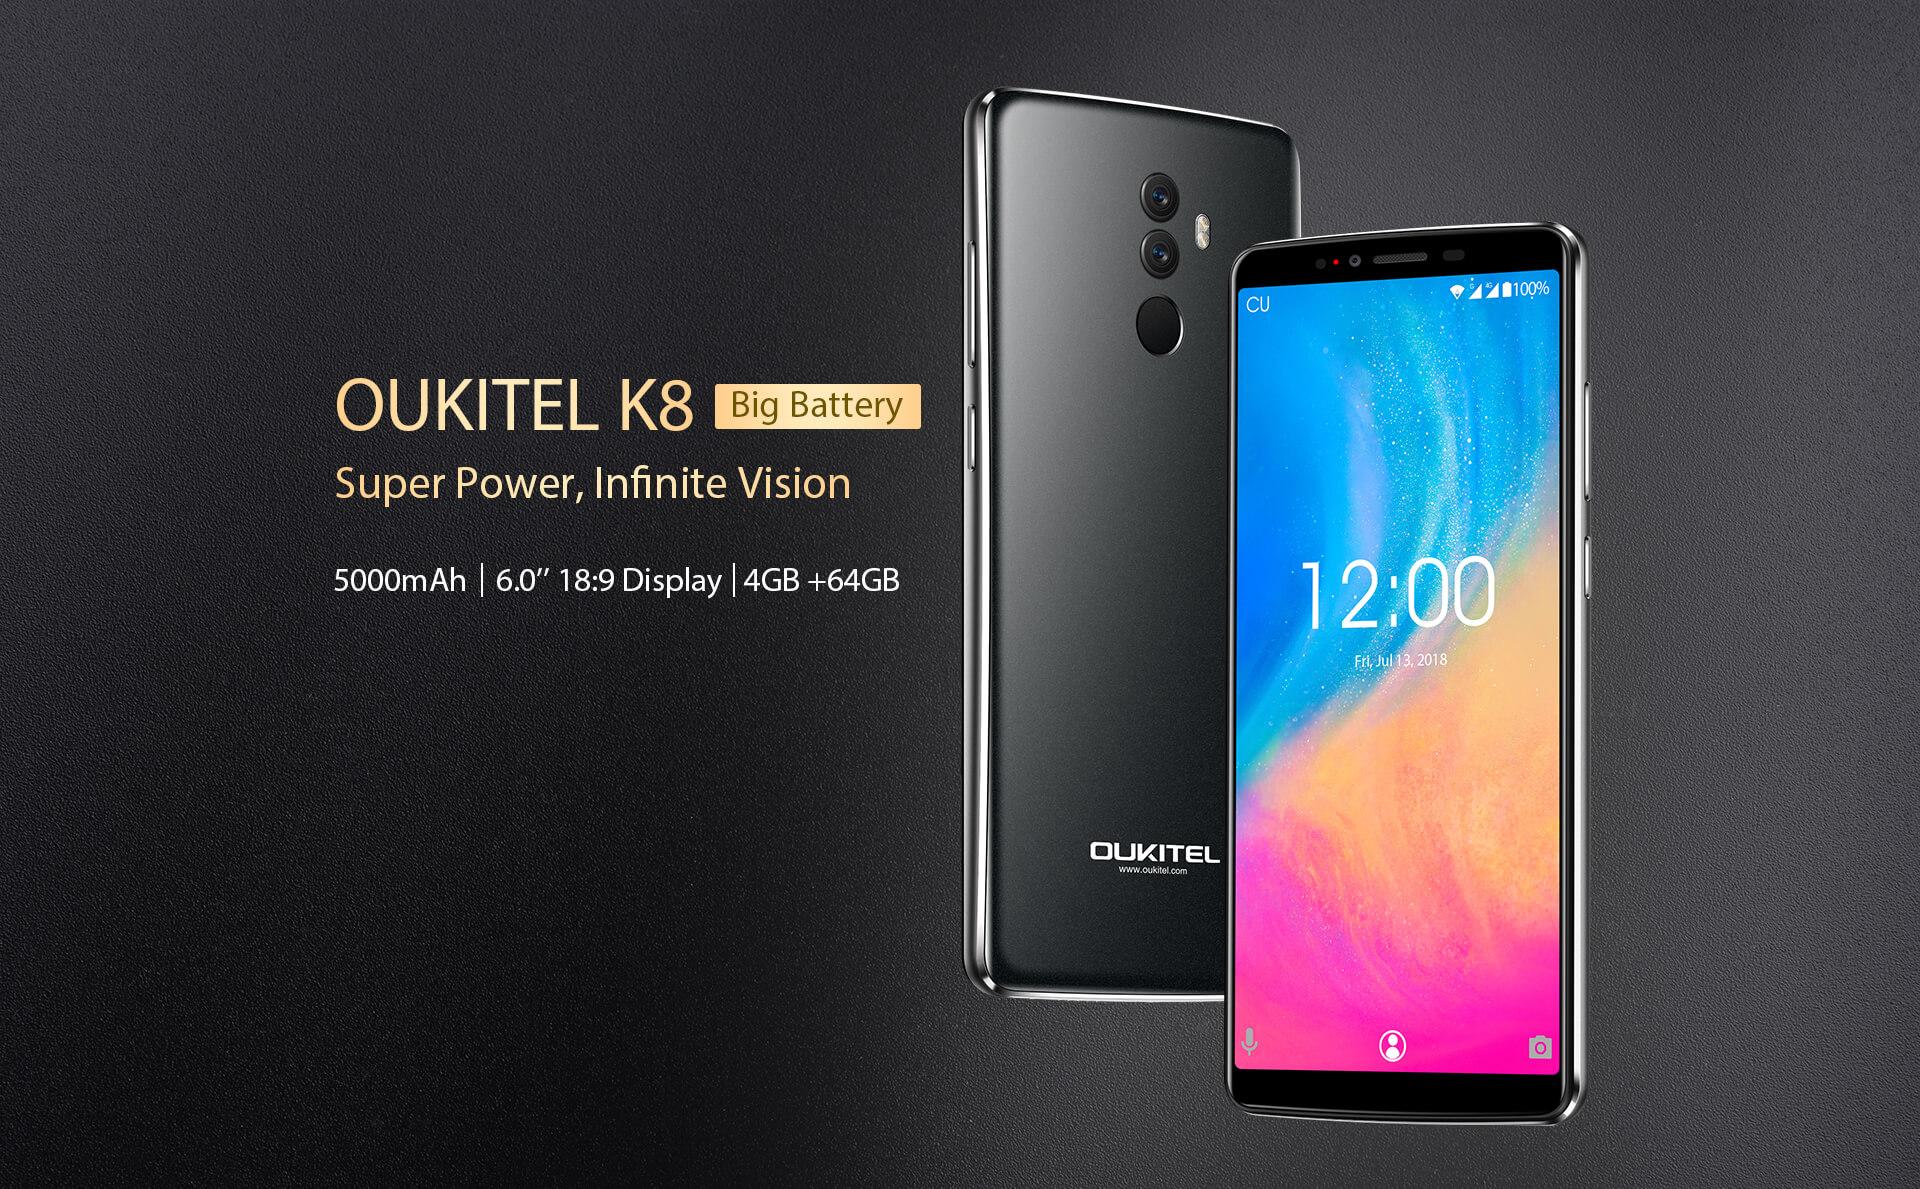 Oukitel K8 nadchne cenou i výbavou